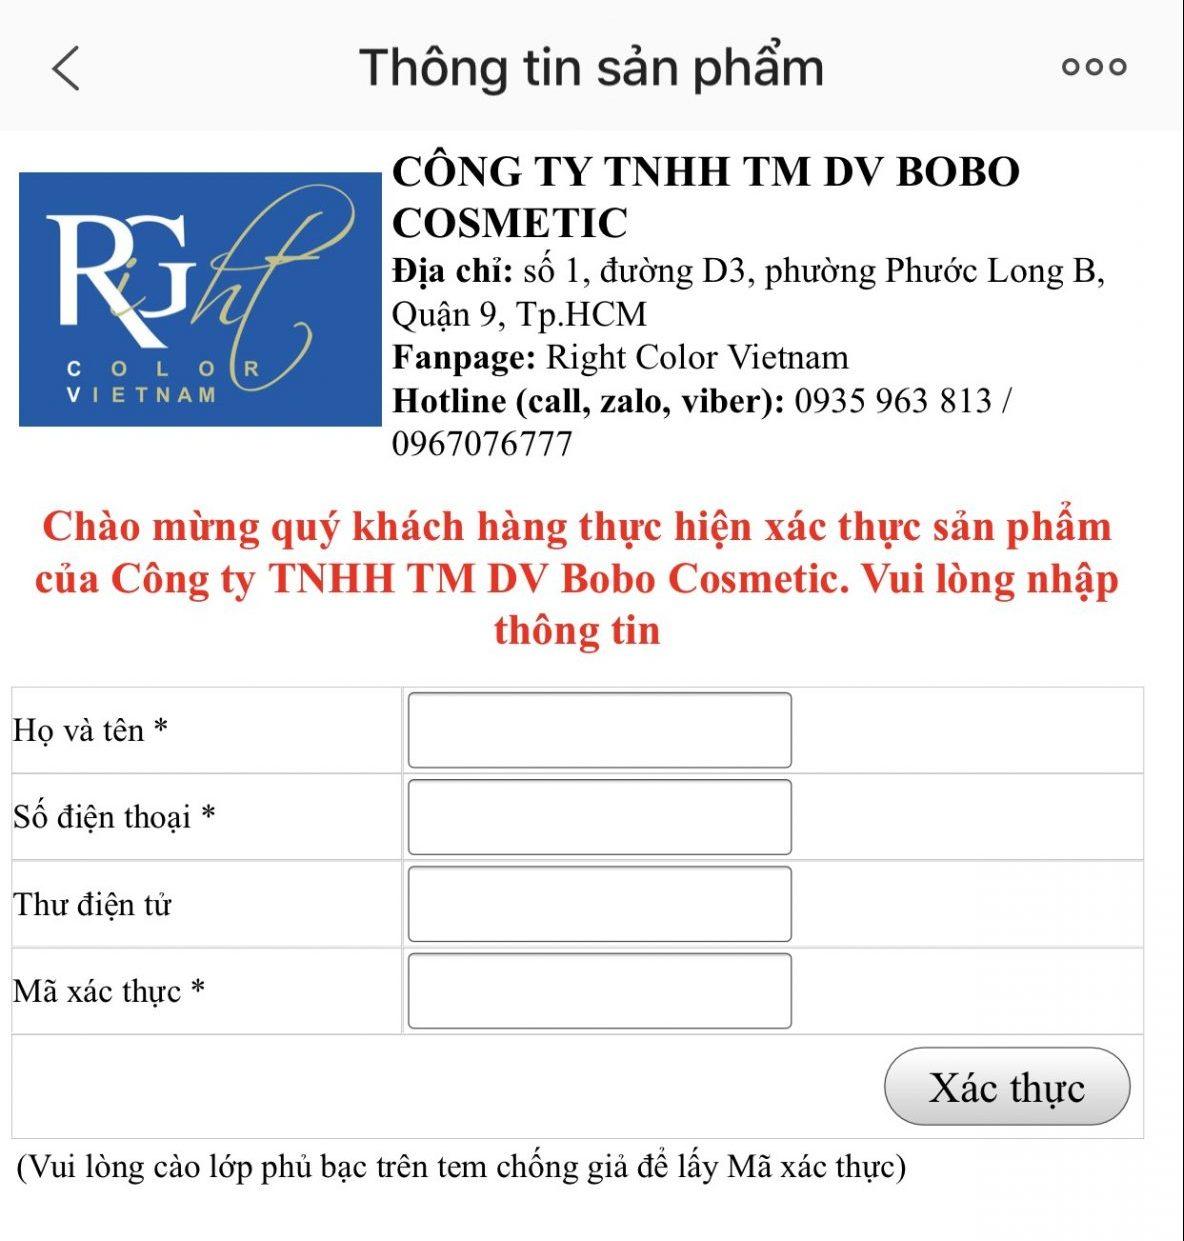 Hướng dẫn cách phân biệt thật - giả các sản phẩm của Bobo Cosmetic